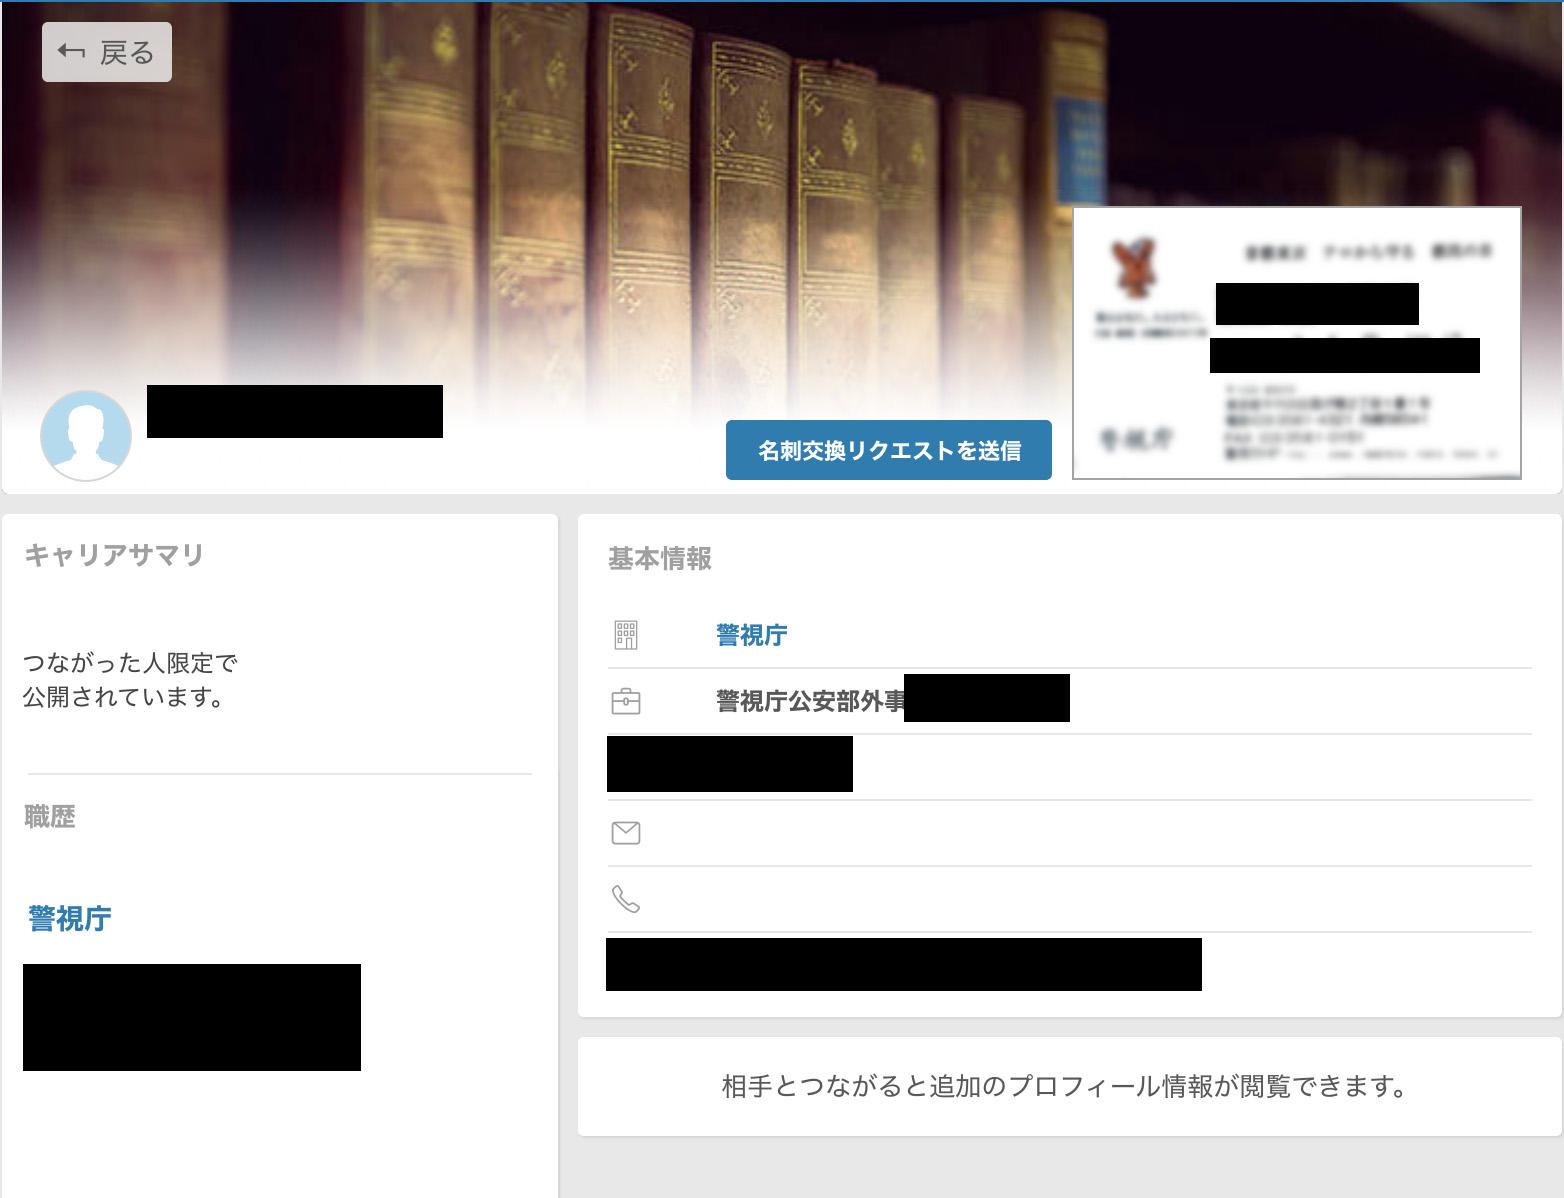 名刺SNS「Eight」で情報機関員などの本名が閲覧できる状態に 非公開にする方法は - ITmedia NEWS